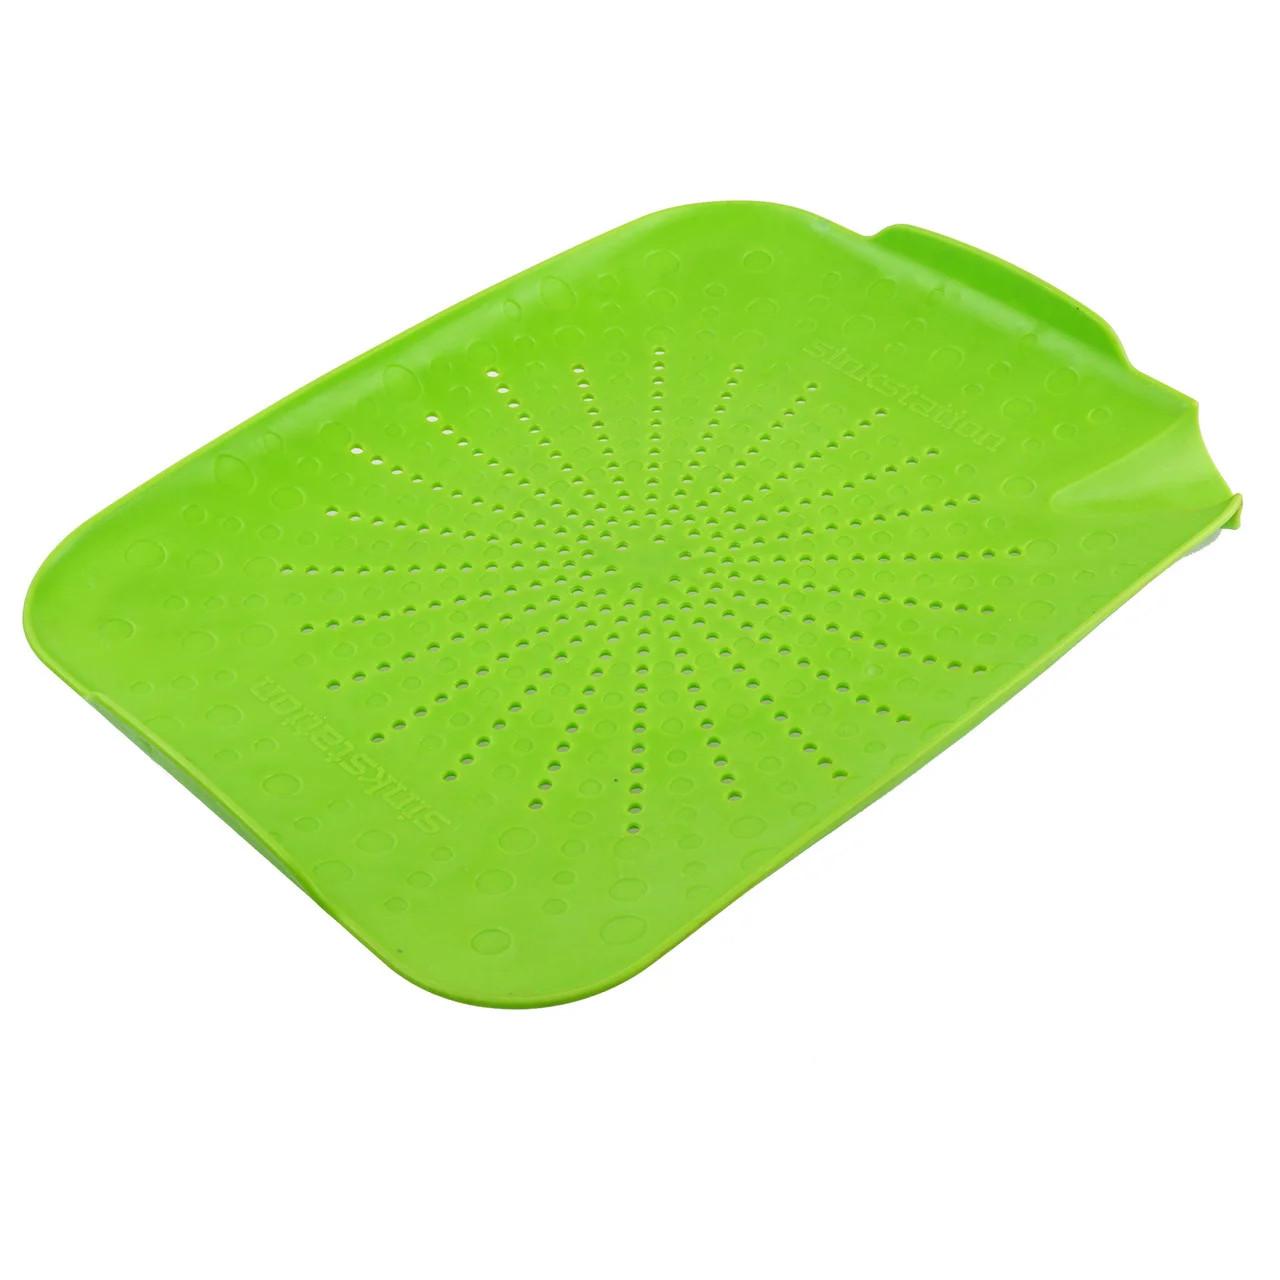 Пластиковый коврик-дуршлаг для раковины, цвет салатовый